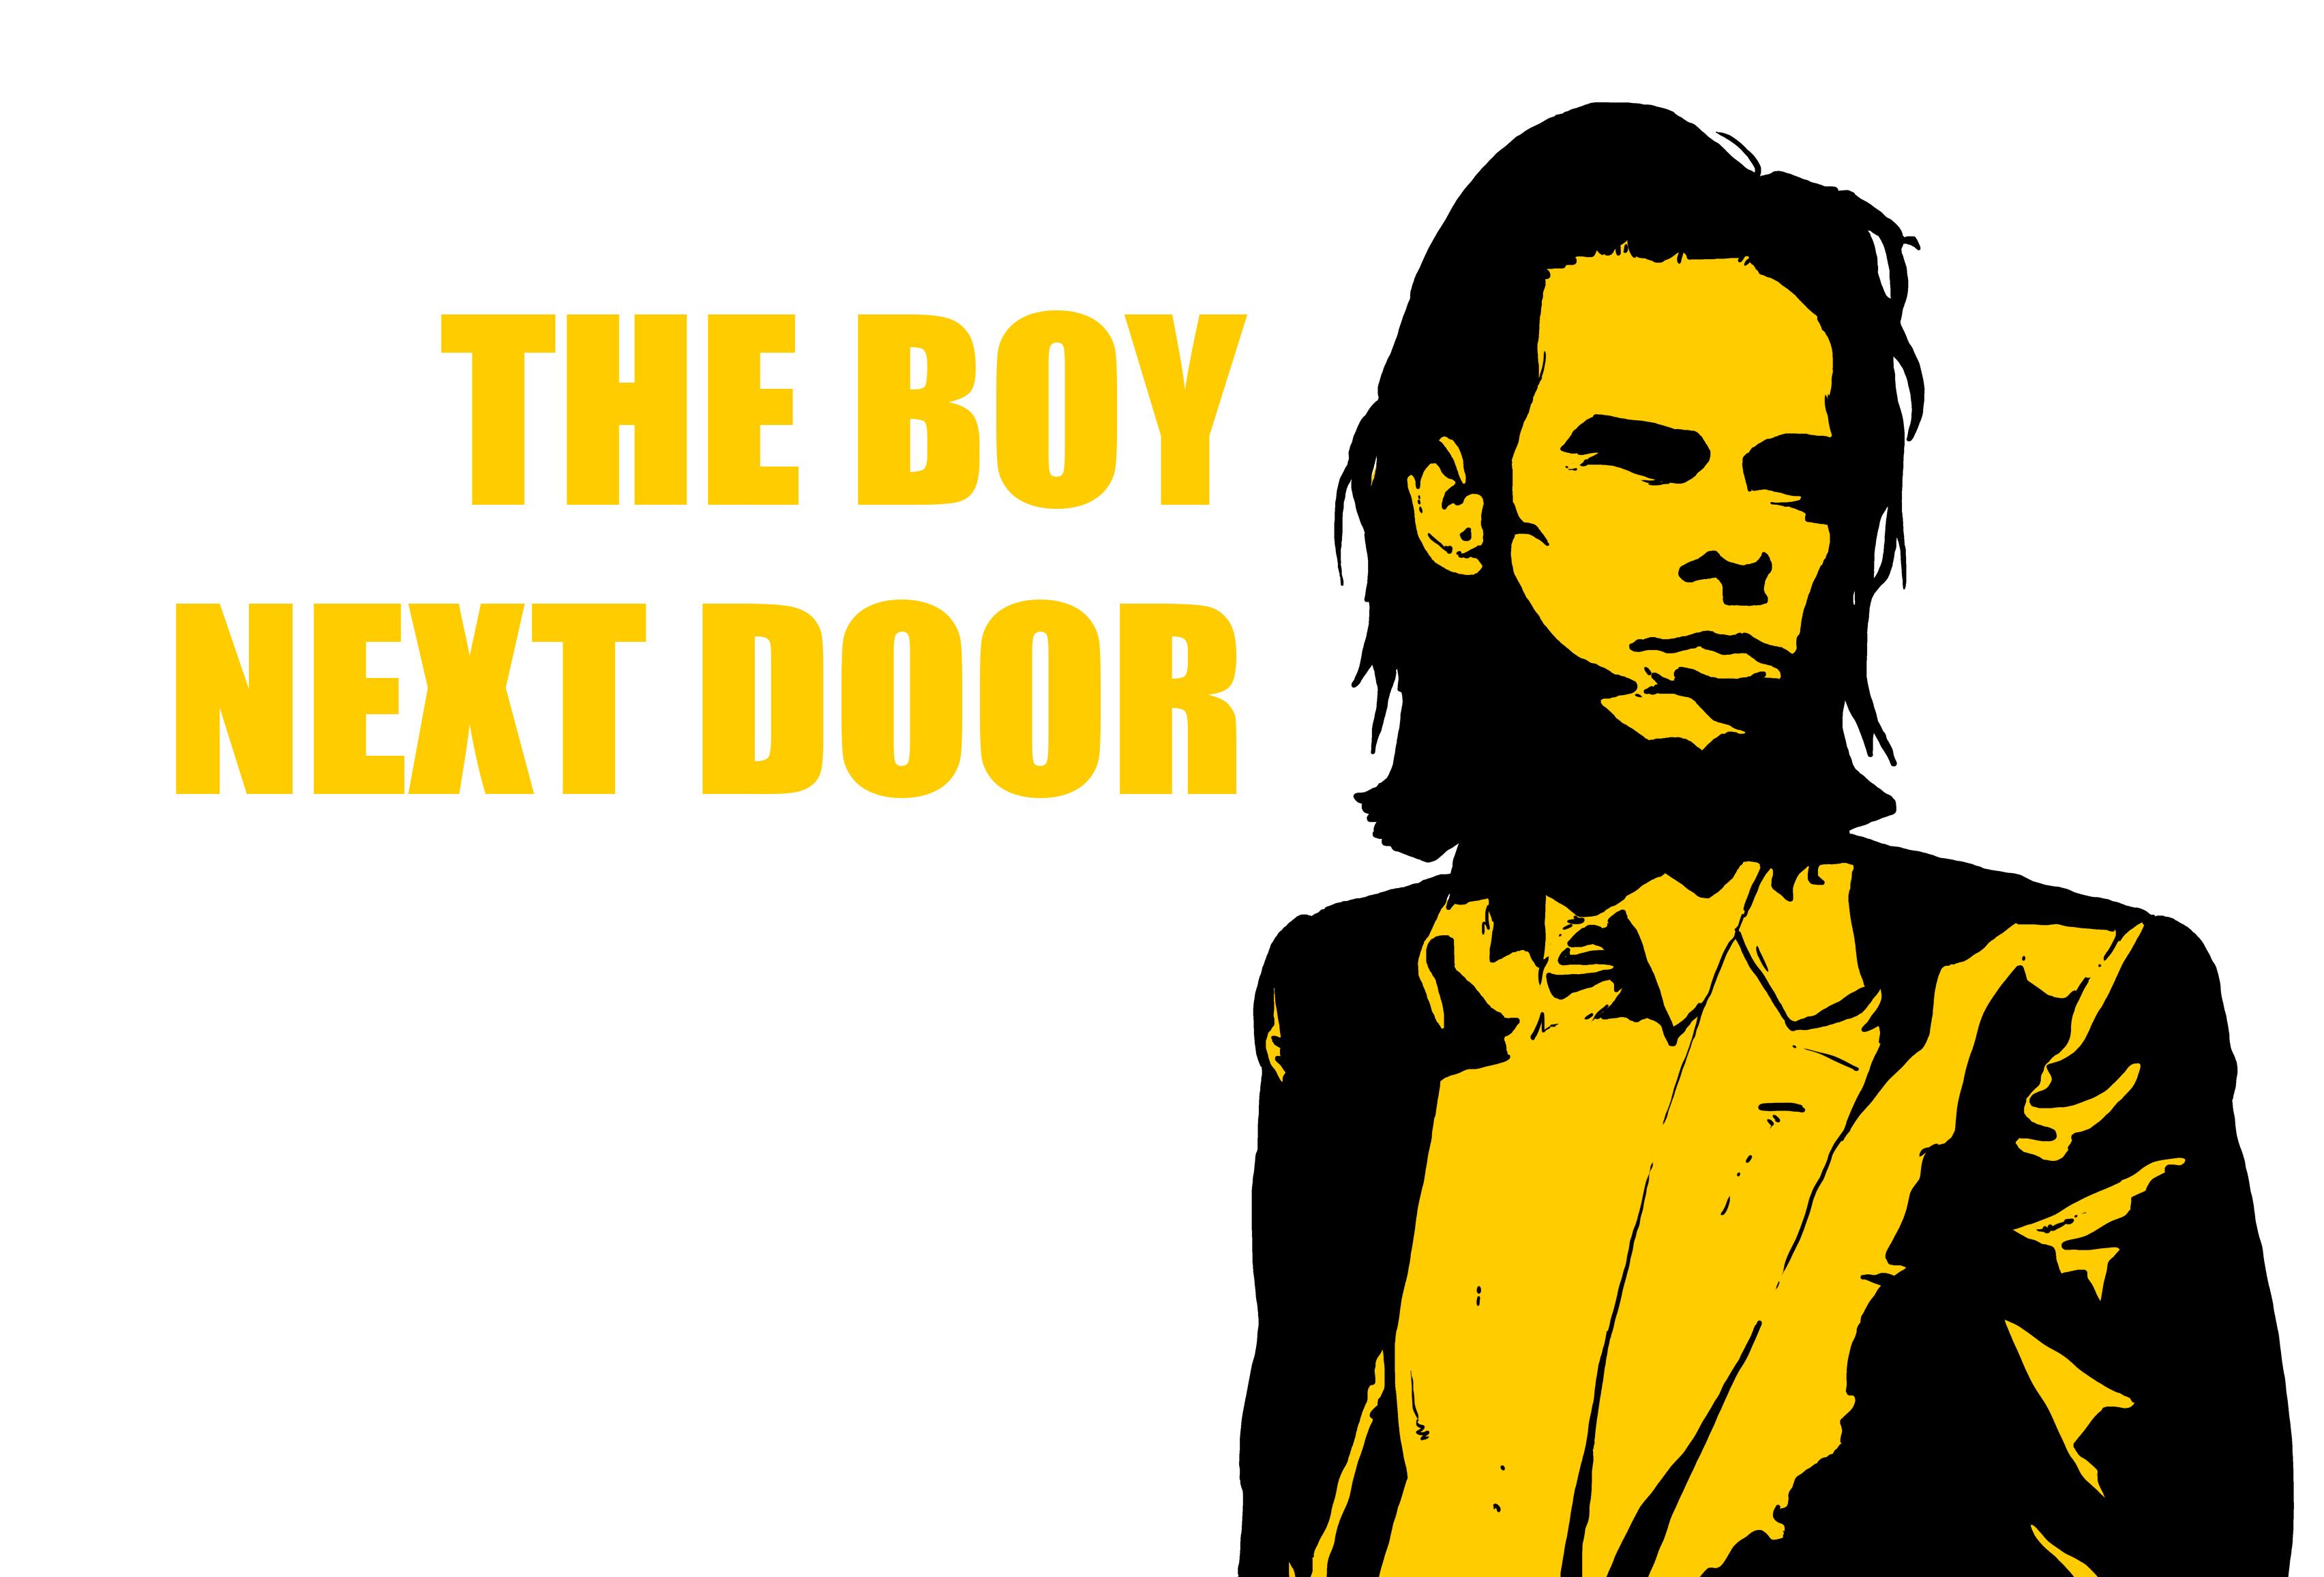 The Boy Next Door - Celebrating Nick Cave